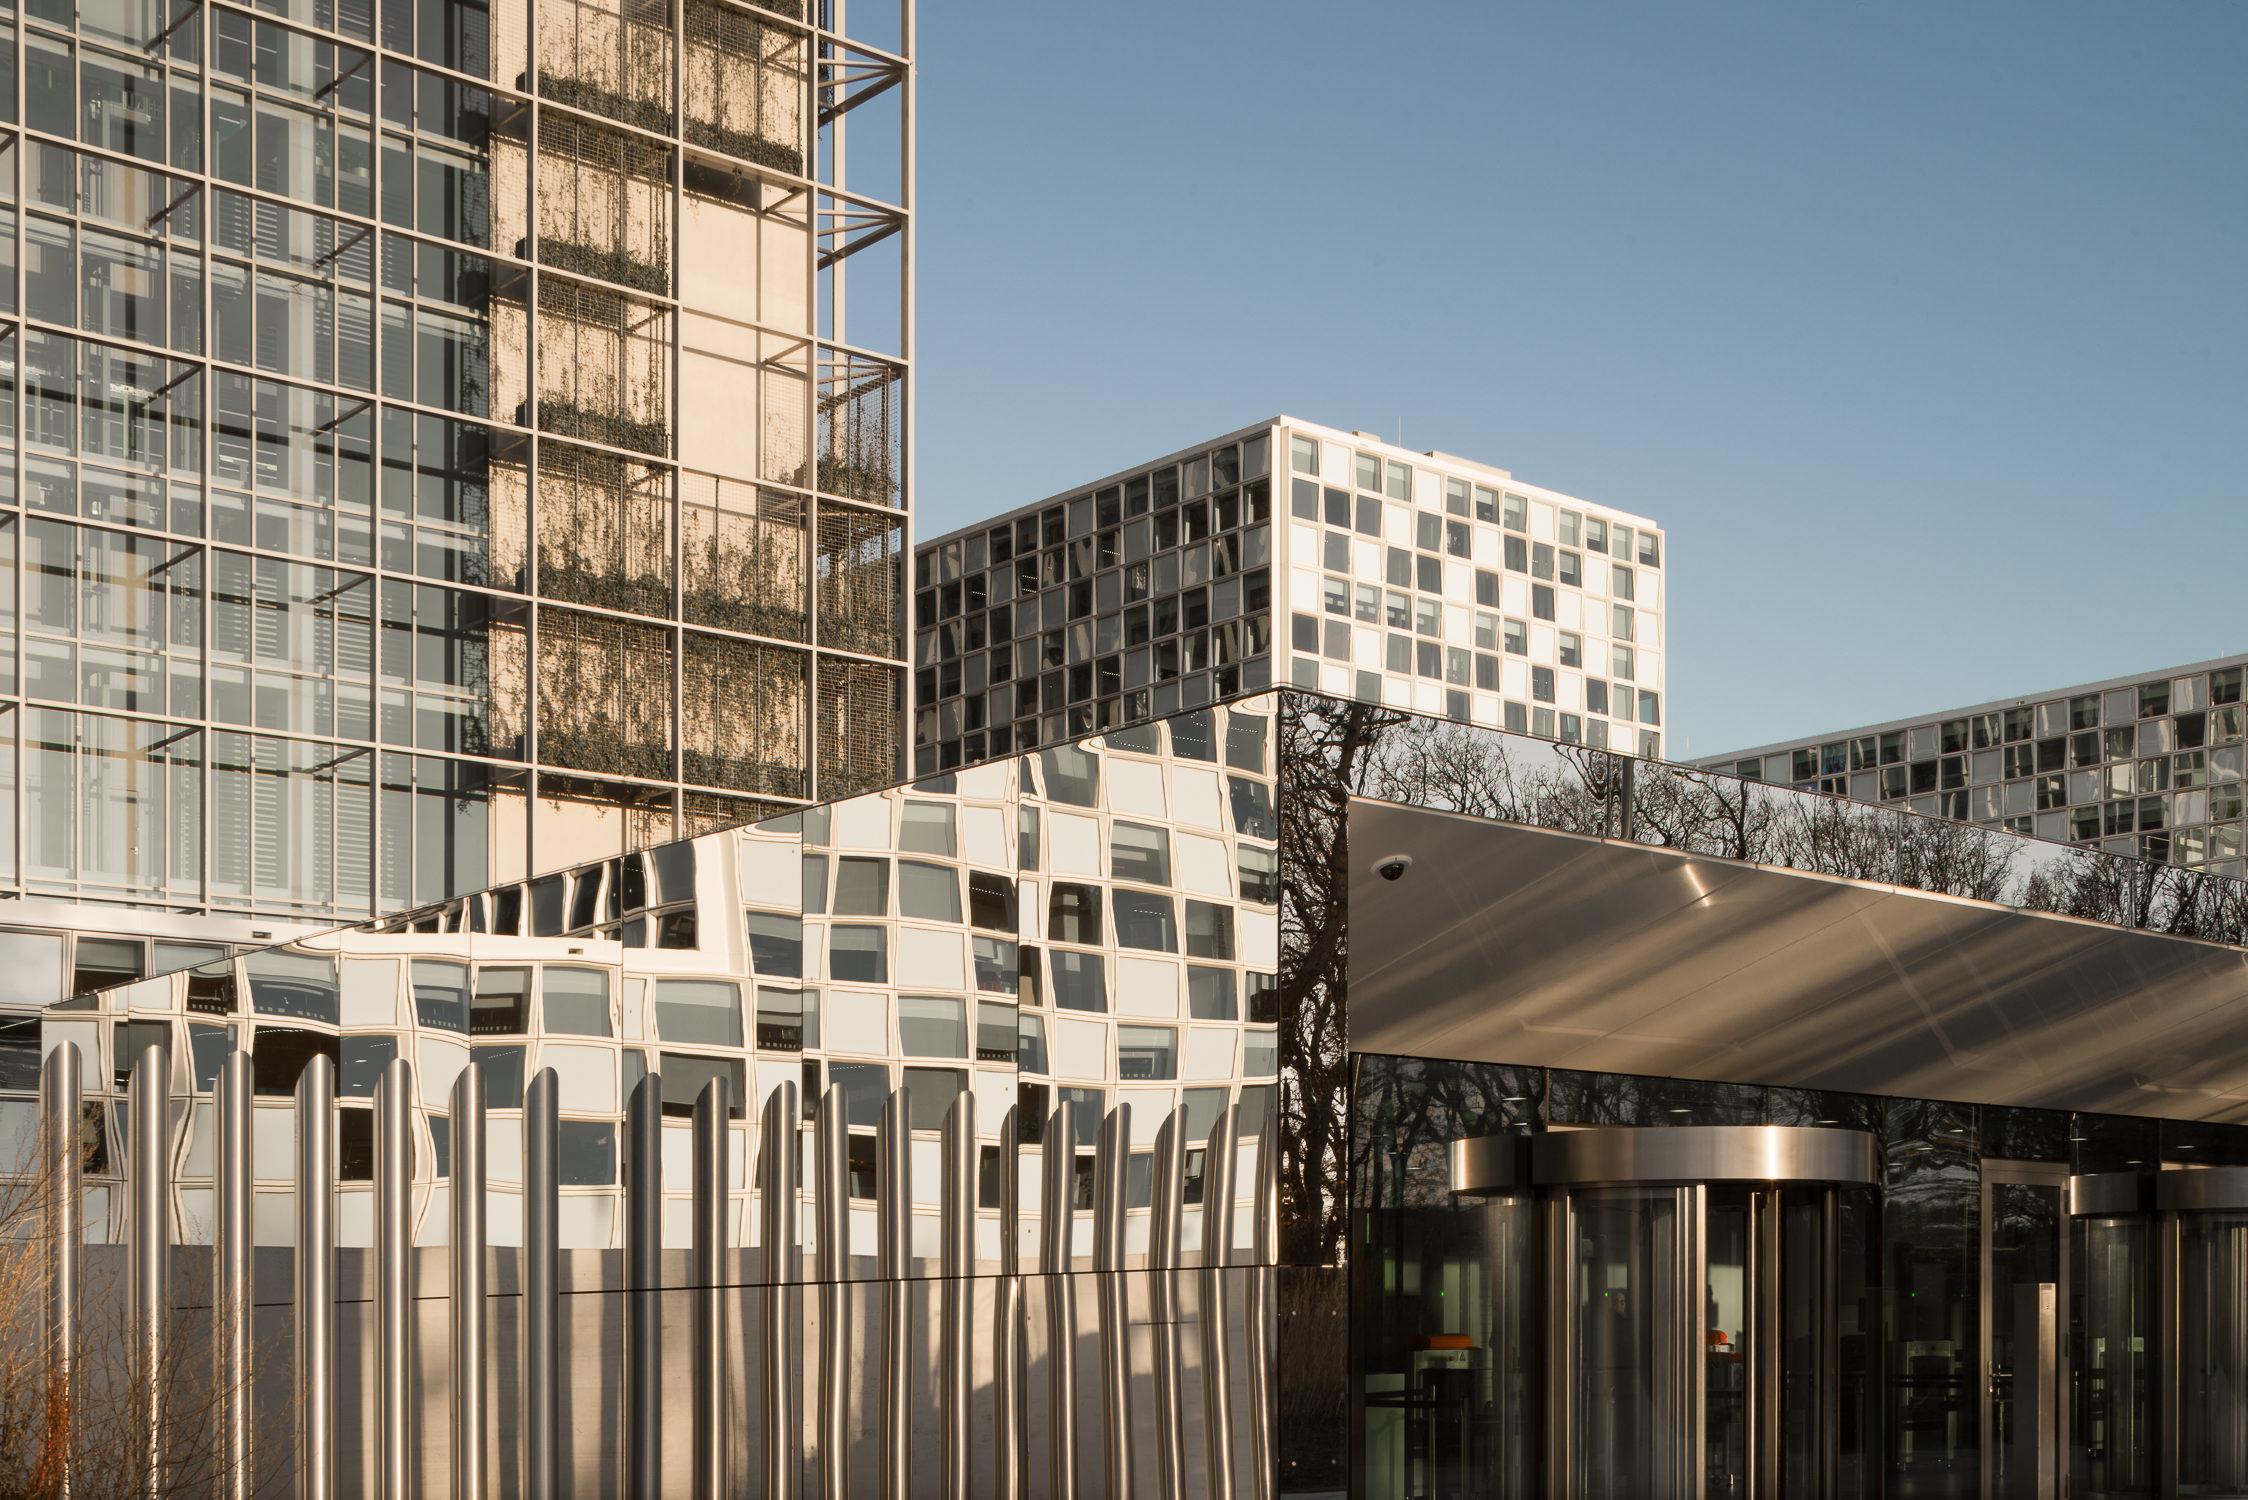 mark-hadden-architecture-photographer-architectuur-interieur-fotografie-london-amsterdam-ICC-Den-Haag-032-Edit.jpg